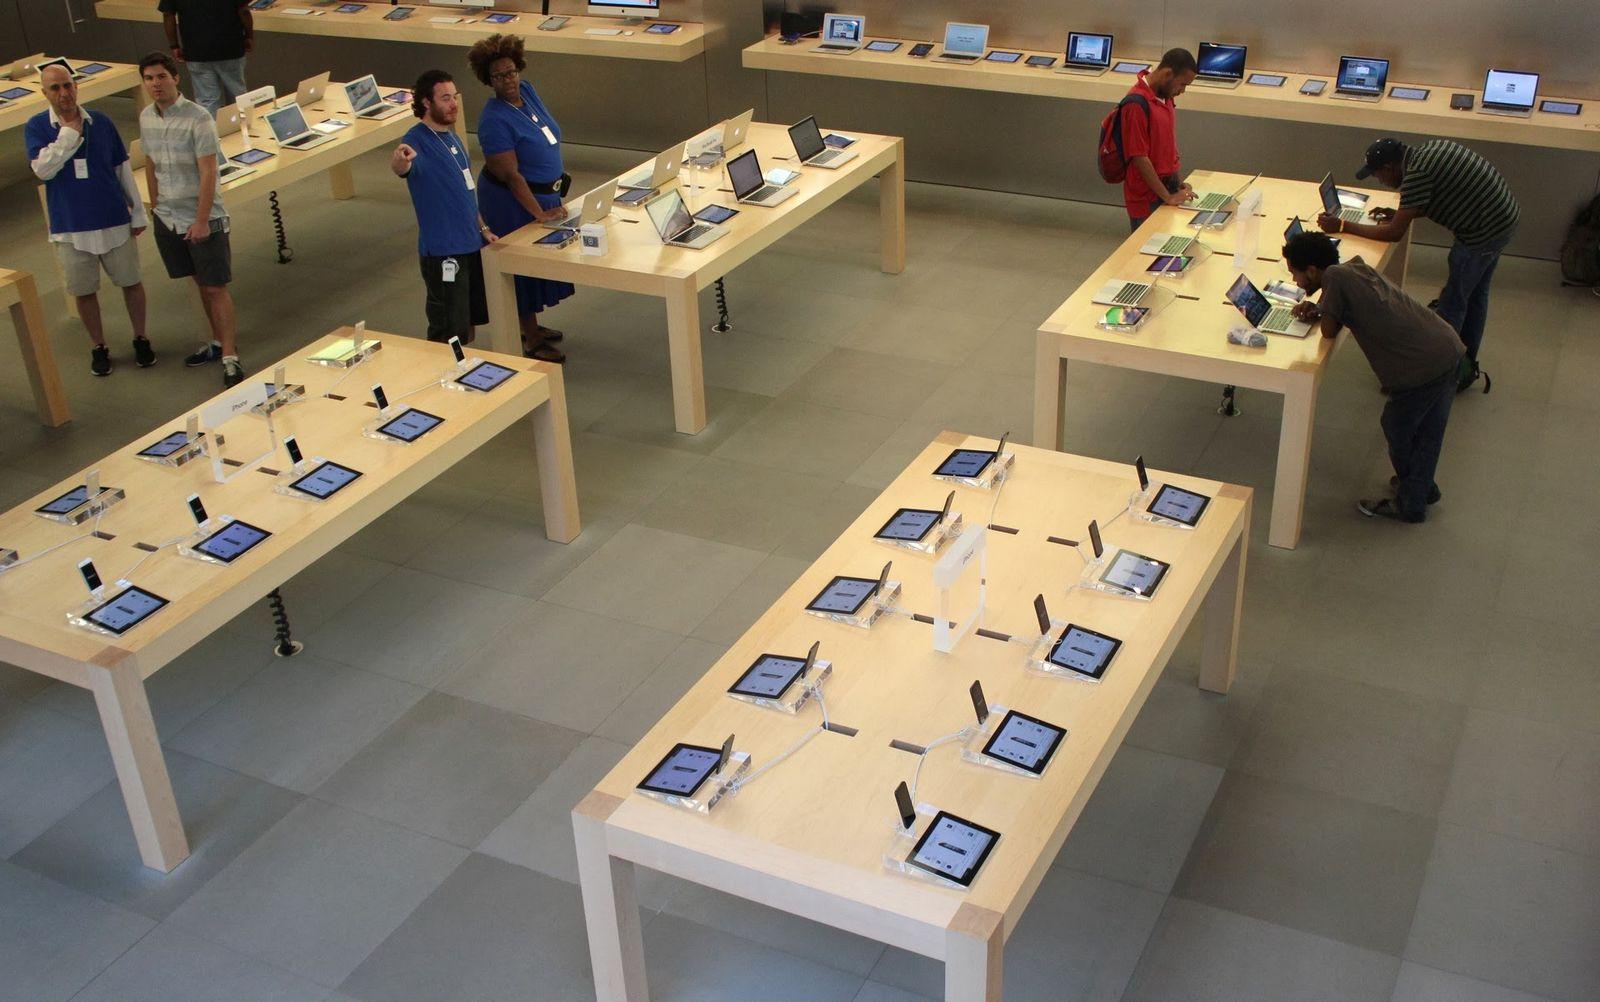 Es temprano y hoy no sale un iPhone nuevo